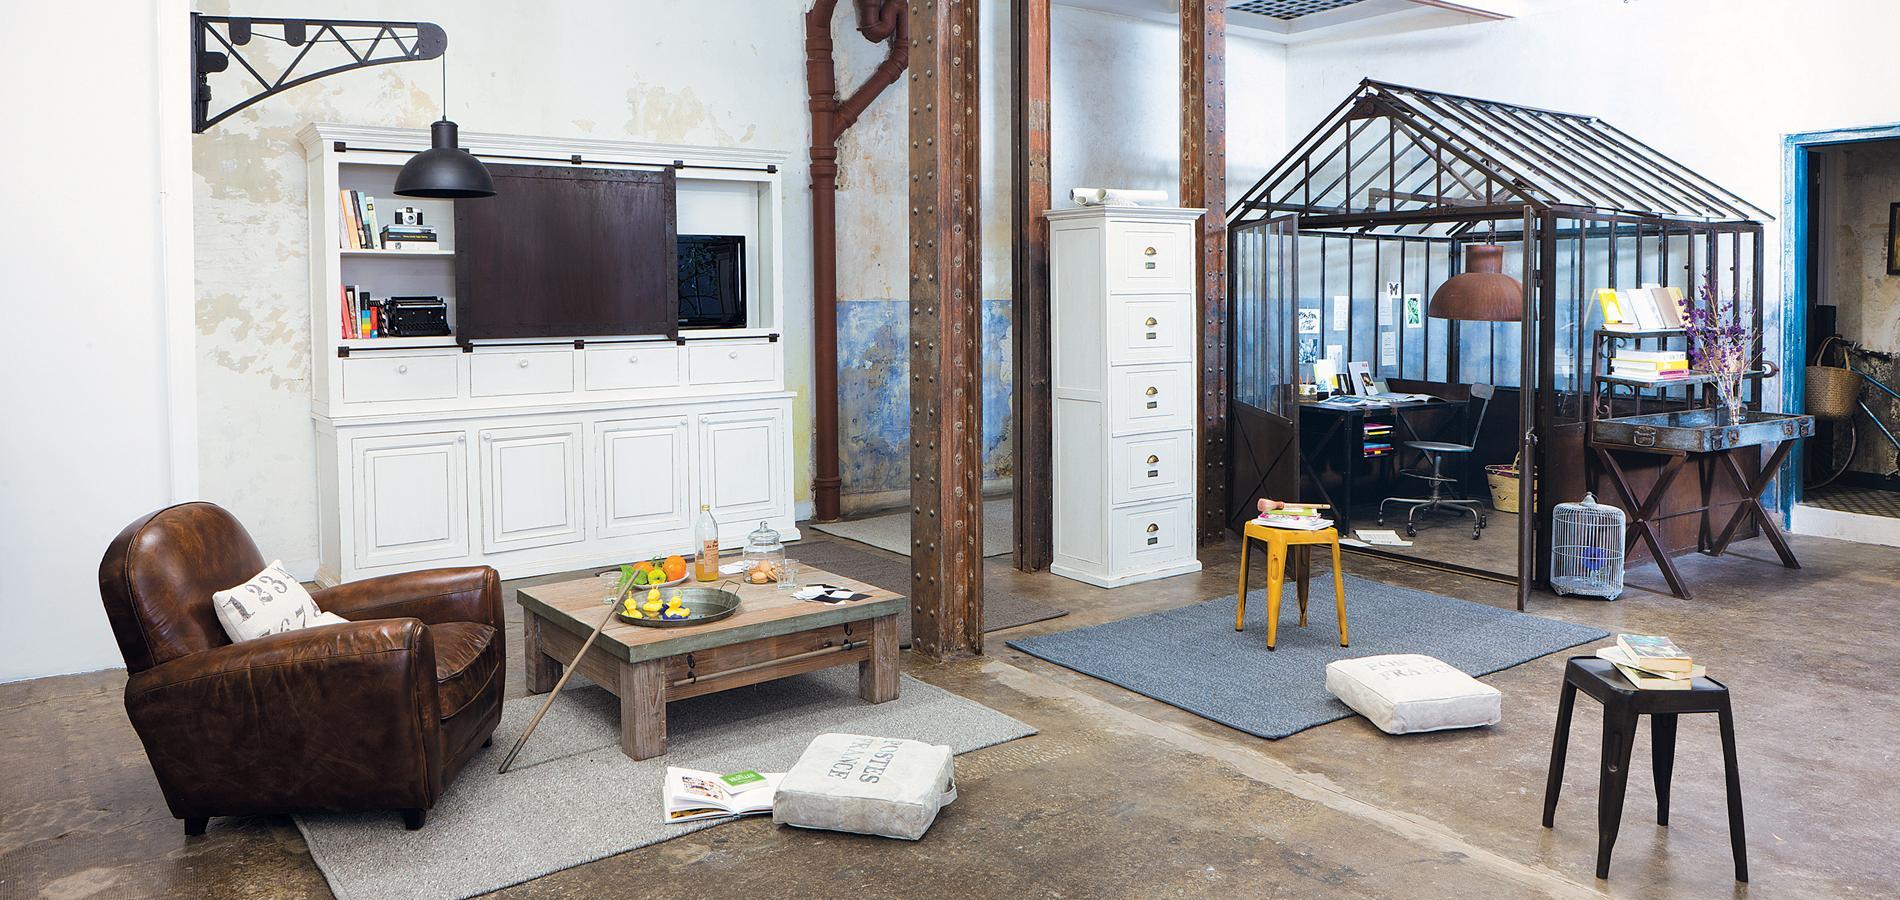 comment am nager un loft tout en gardant de l intimit. Black Bedroom Furniture Sets. Home Design Ideas